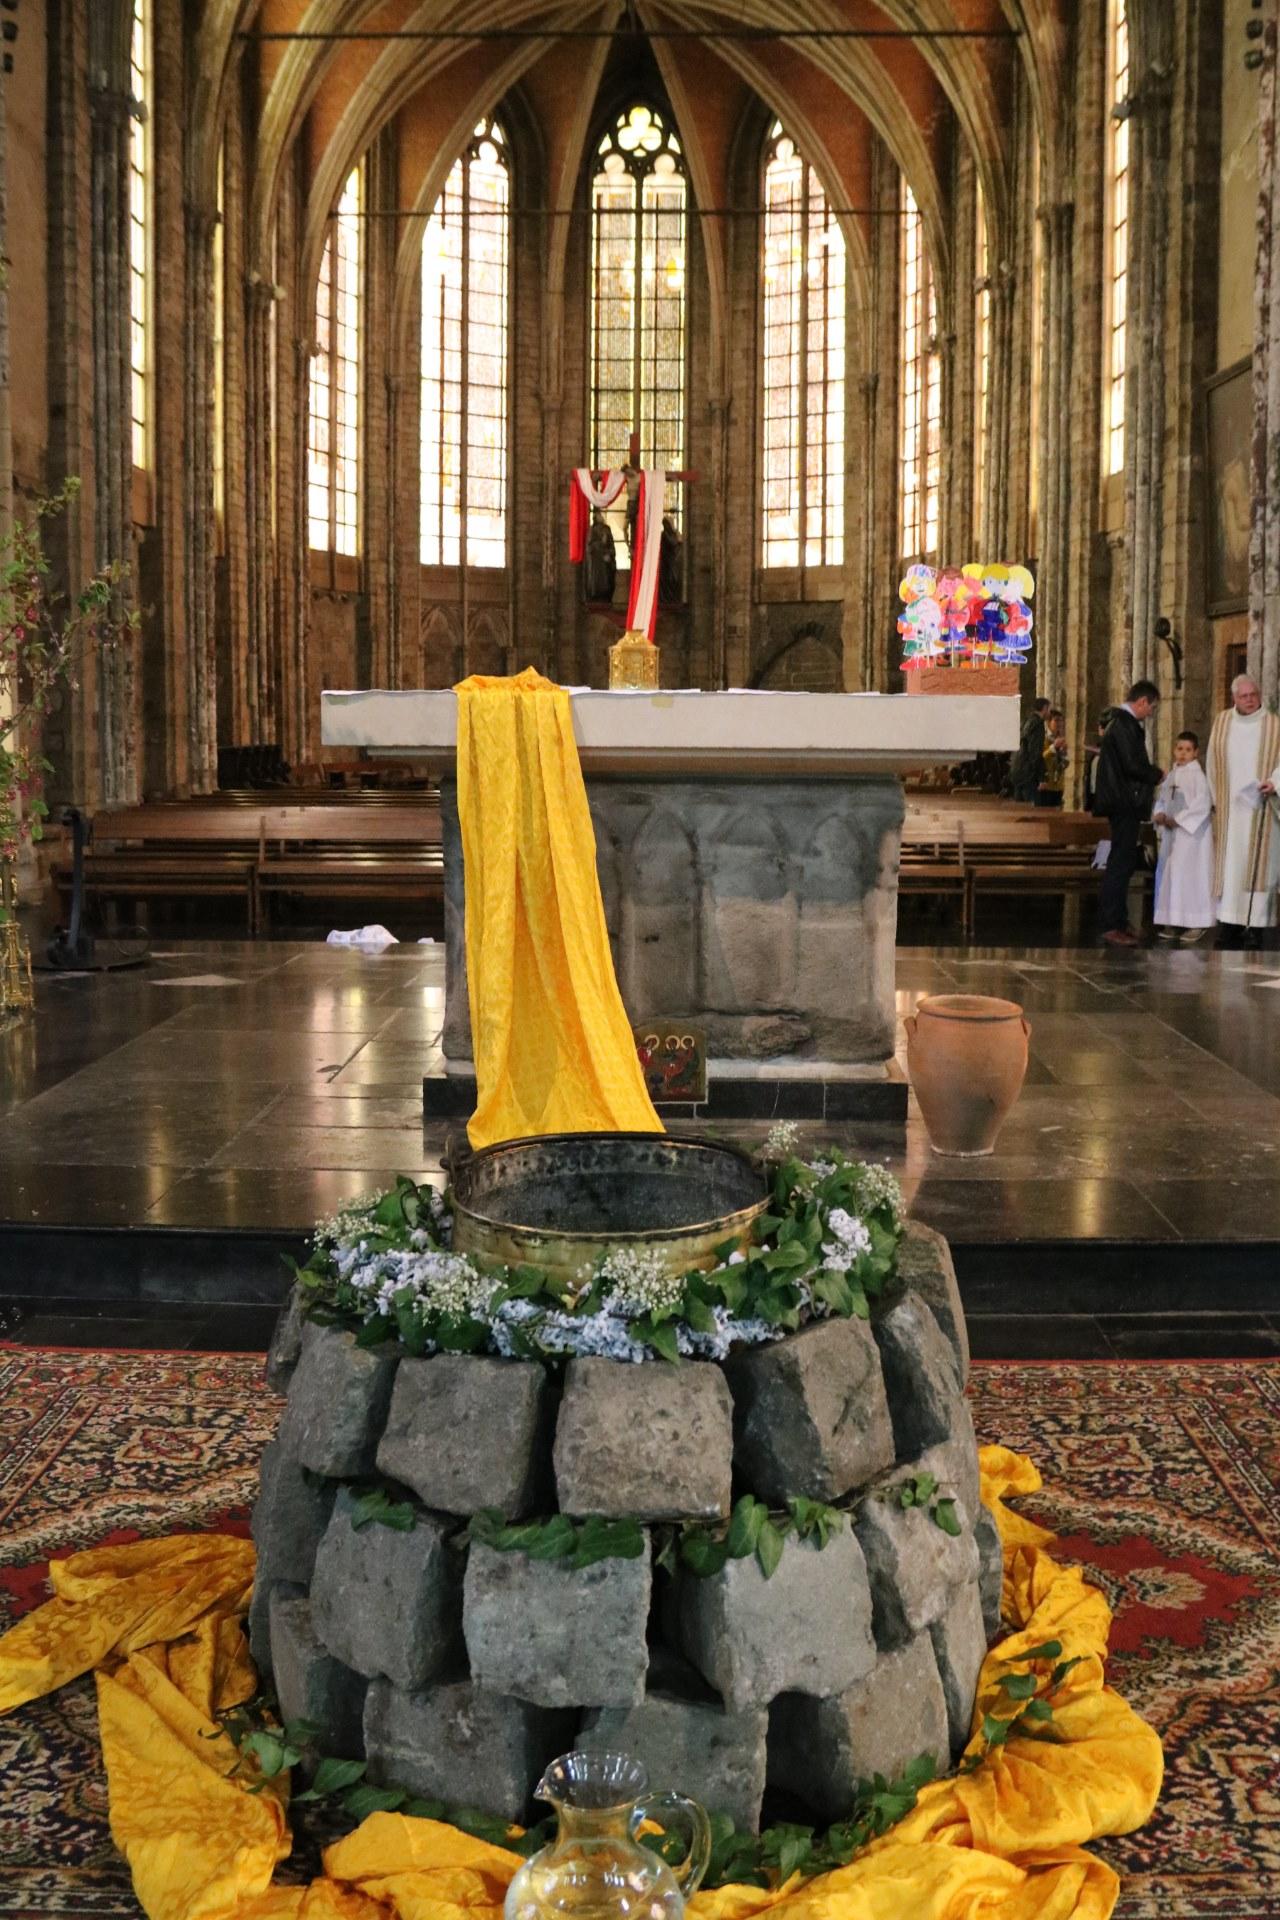 1804_Célébration de baptêmes (4-7 ans) 1